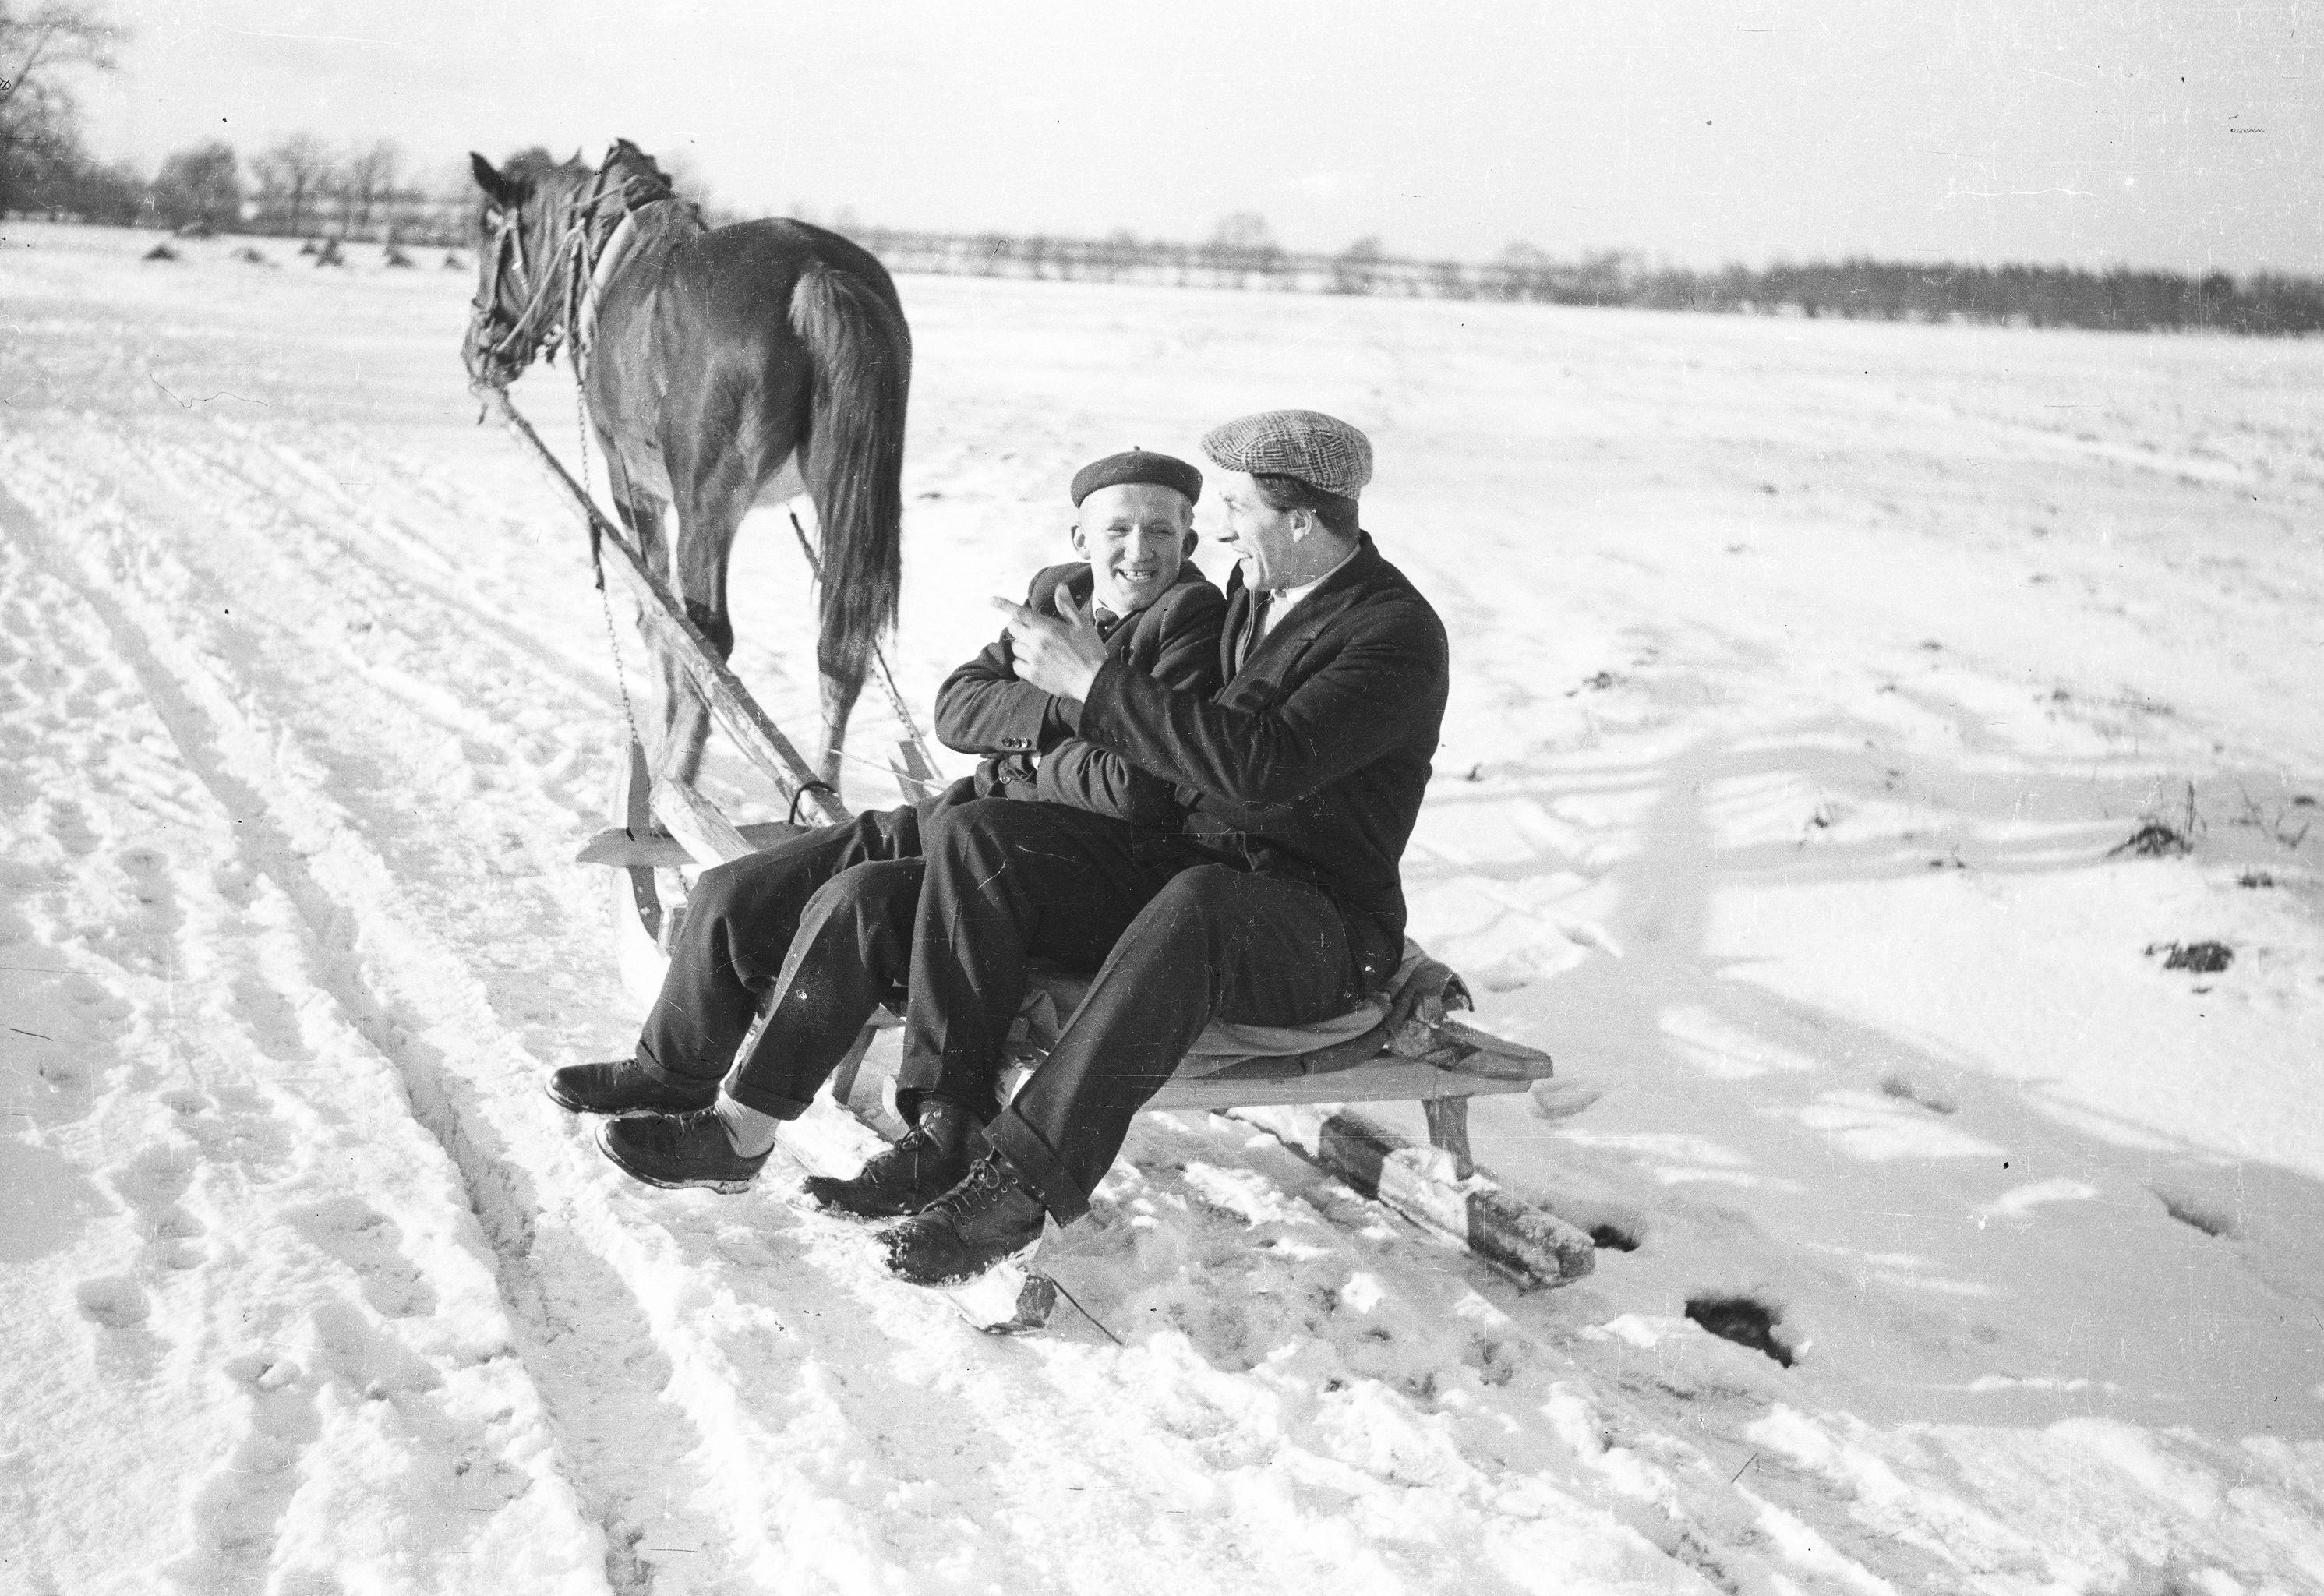 Józef Bienko razem z A. Czyżowiczem na saniach, Brzózka, Dolny Śląsk, lata 50. XX w.